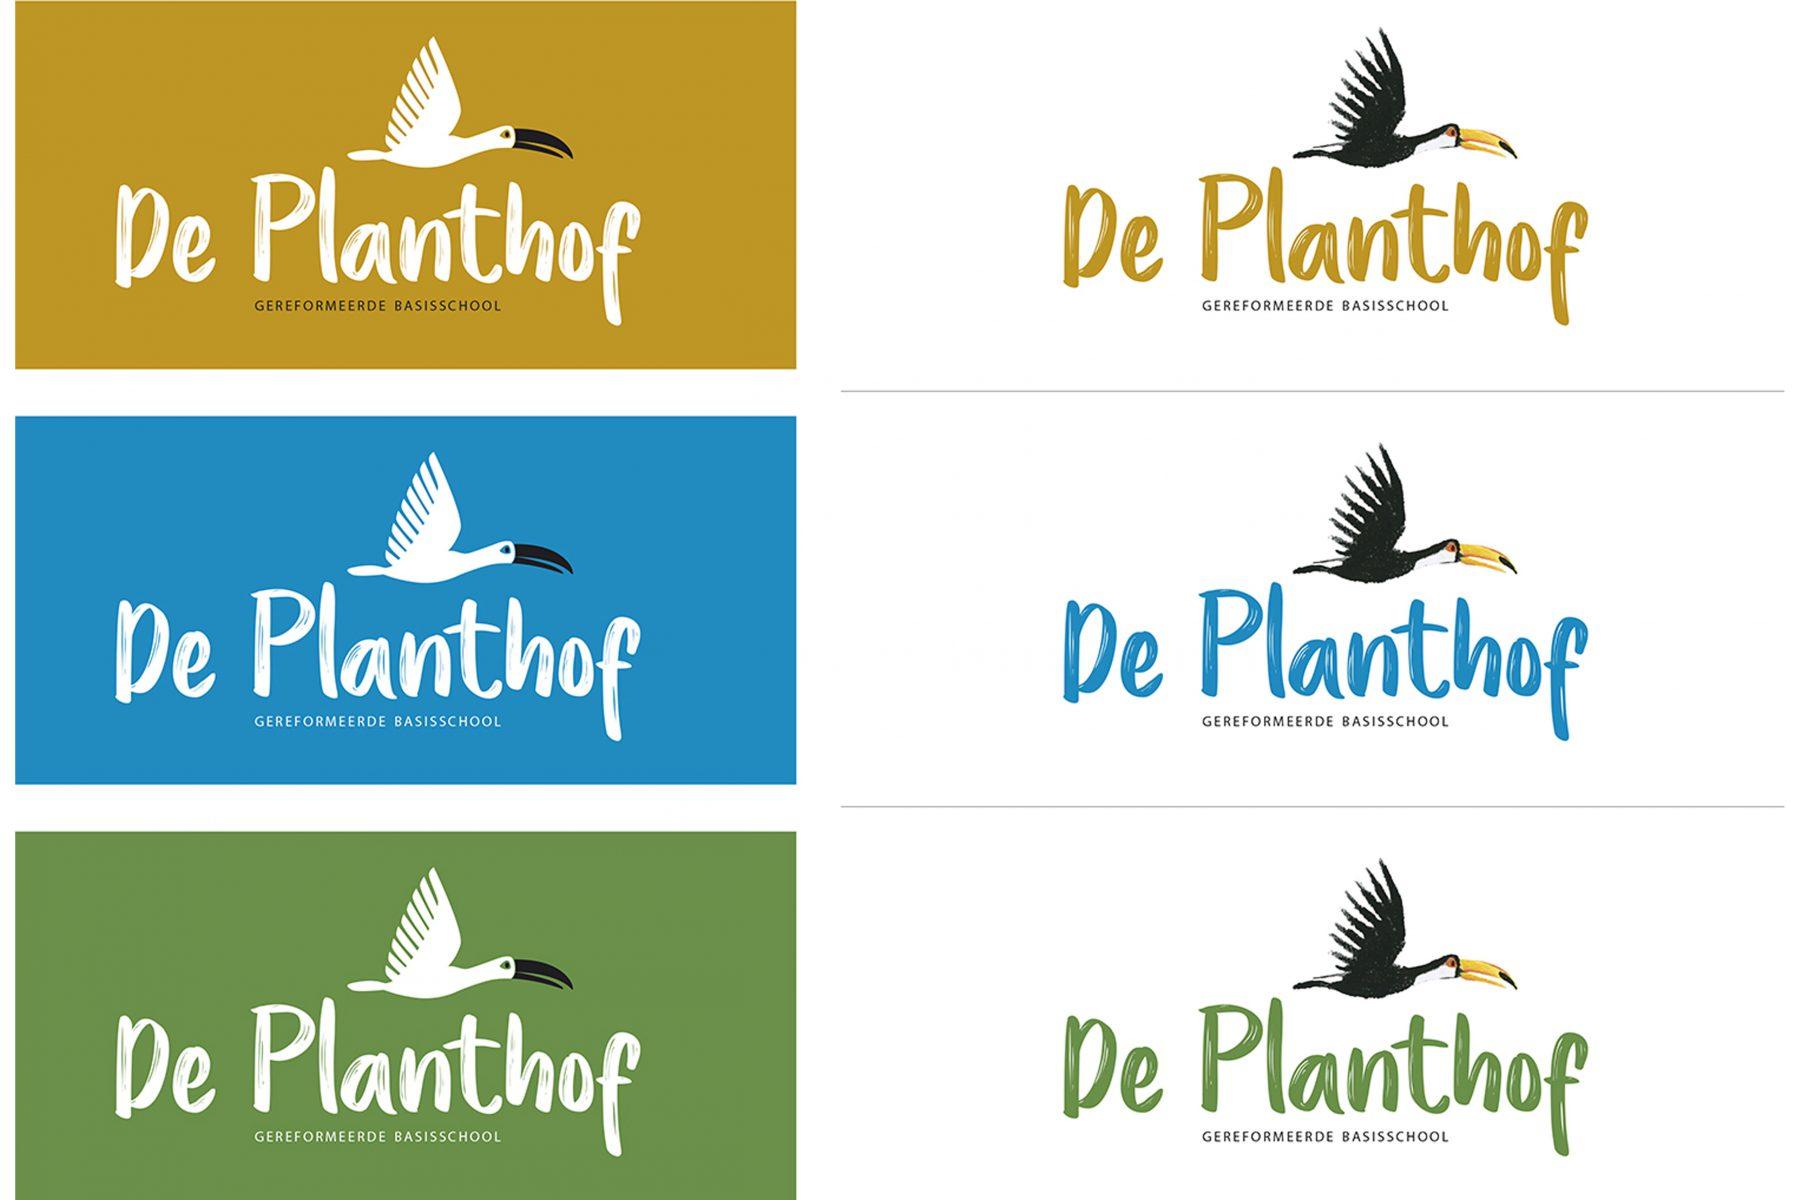 Logovoorstellen voor basisschool De Planthof - 2018